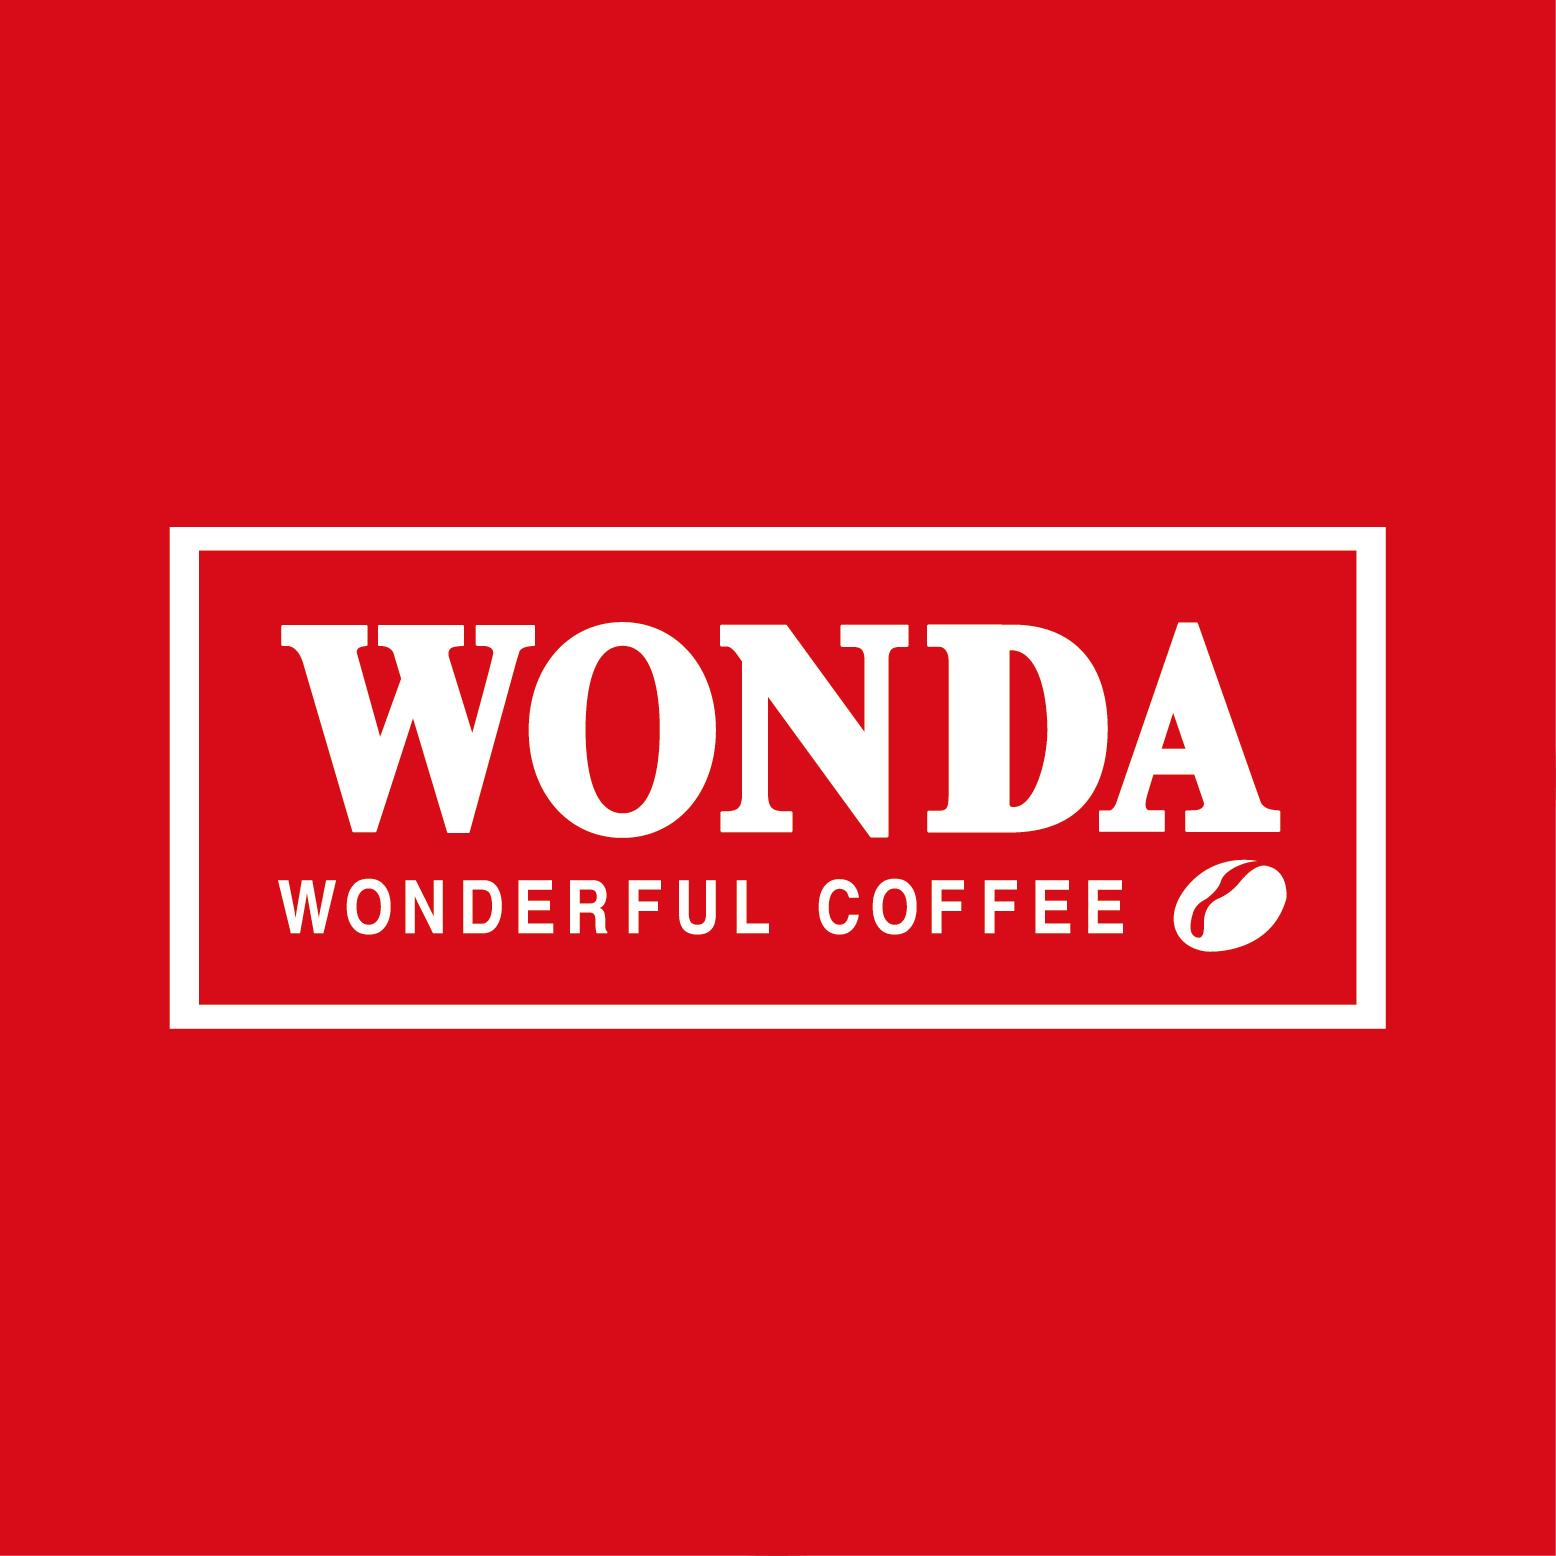 ワンダ乳酸菌コーヒー